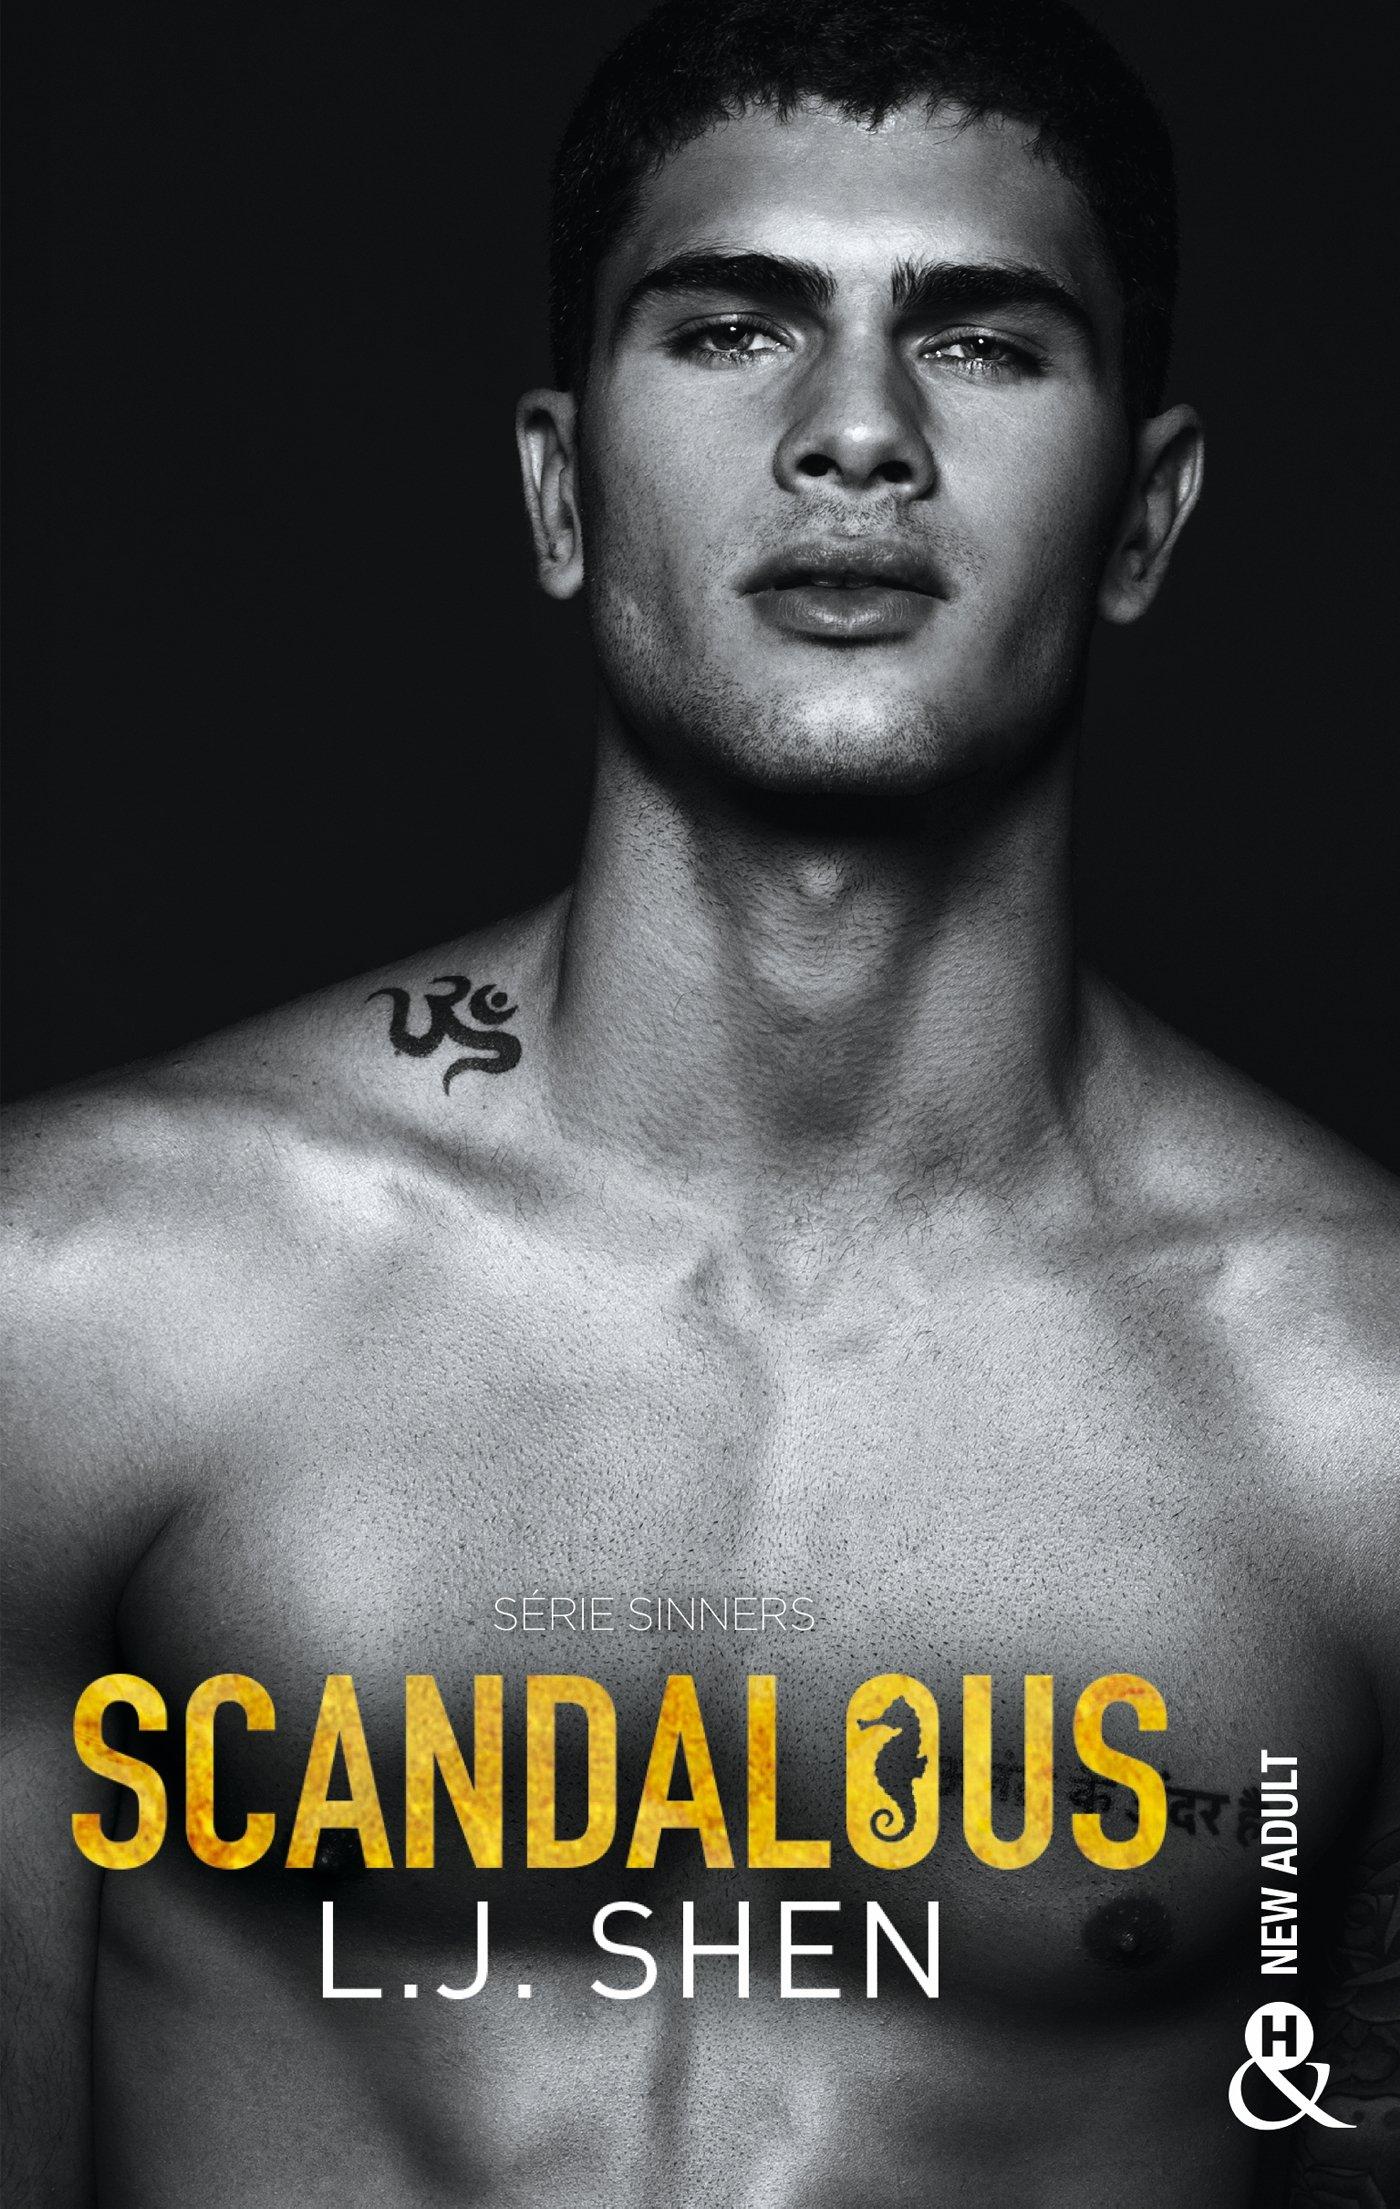 scandalous - Sinners of Saint - Tome 3 : Scandalous de L.J Shen 91tOLLQFZaL